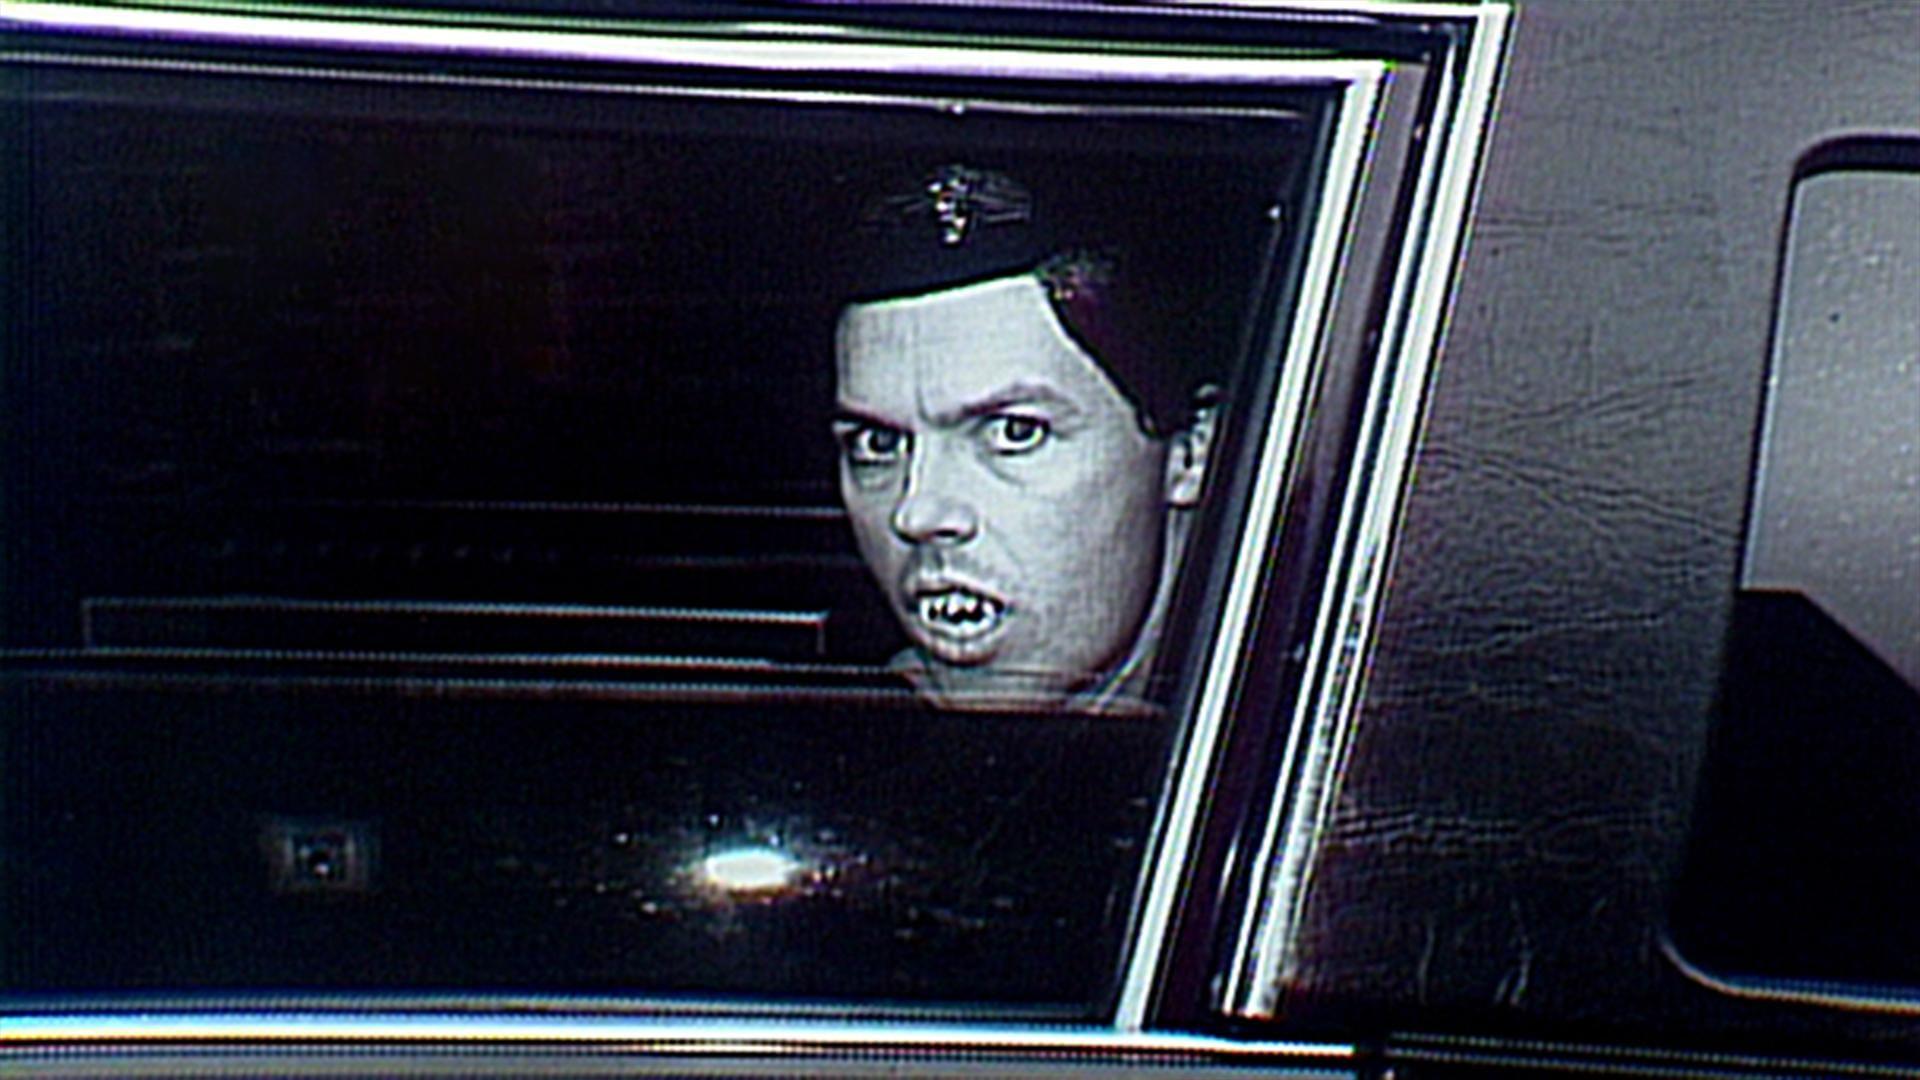 Michael Keaton: October 30, 1982